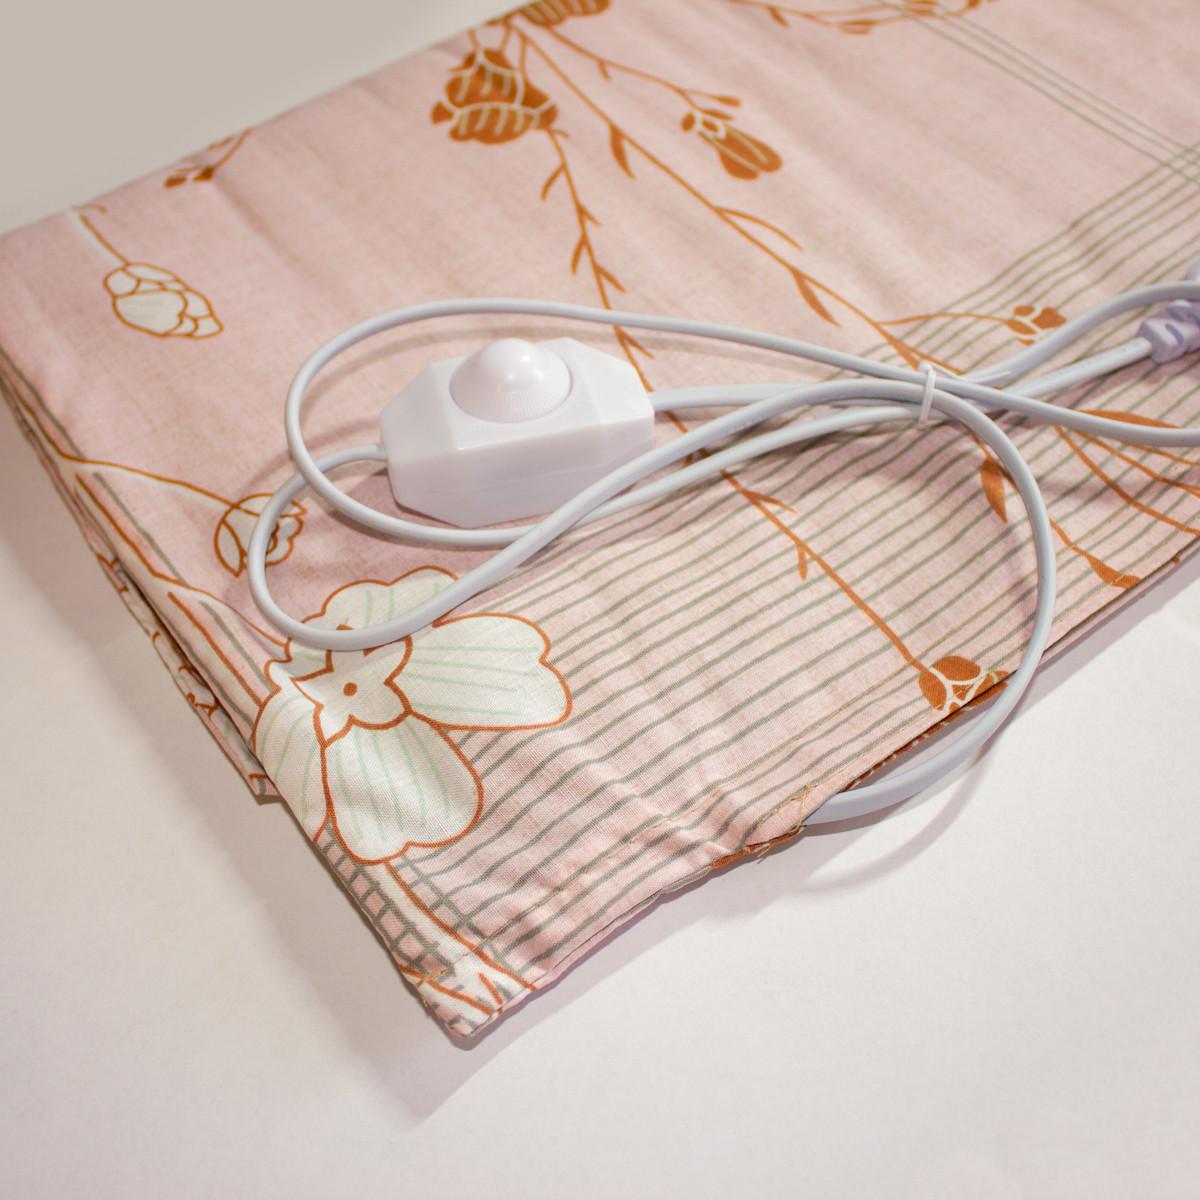 Электрогрелка Чудесник Розовая 40W с регулятором температуры 40х50 см | електрична грілка (ST)